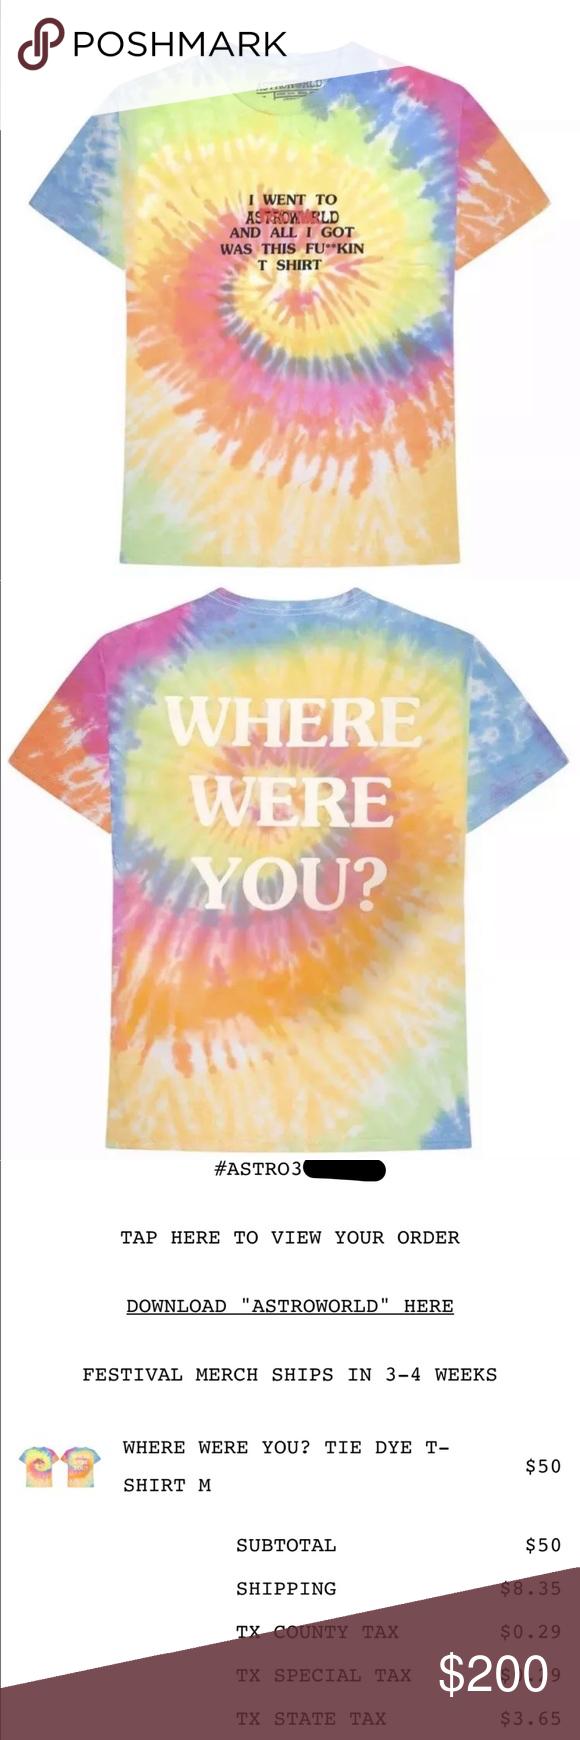 Travis Scott Astroworld Tie Dye Shirt Tie Dye Tie Dye Shirt Dye Shirt [ 1740 x 580 Pixel ]